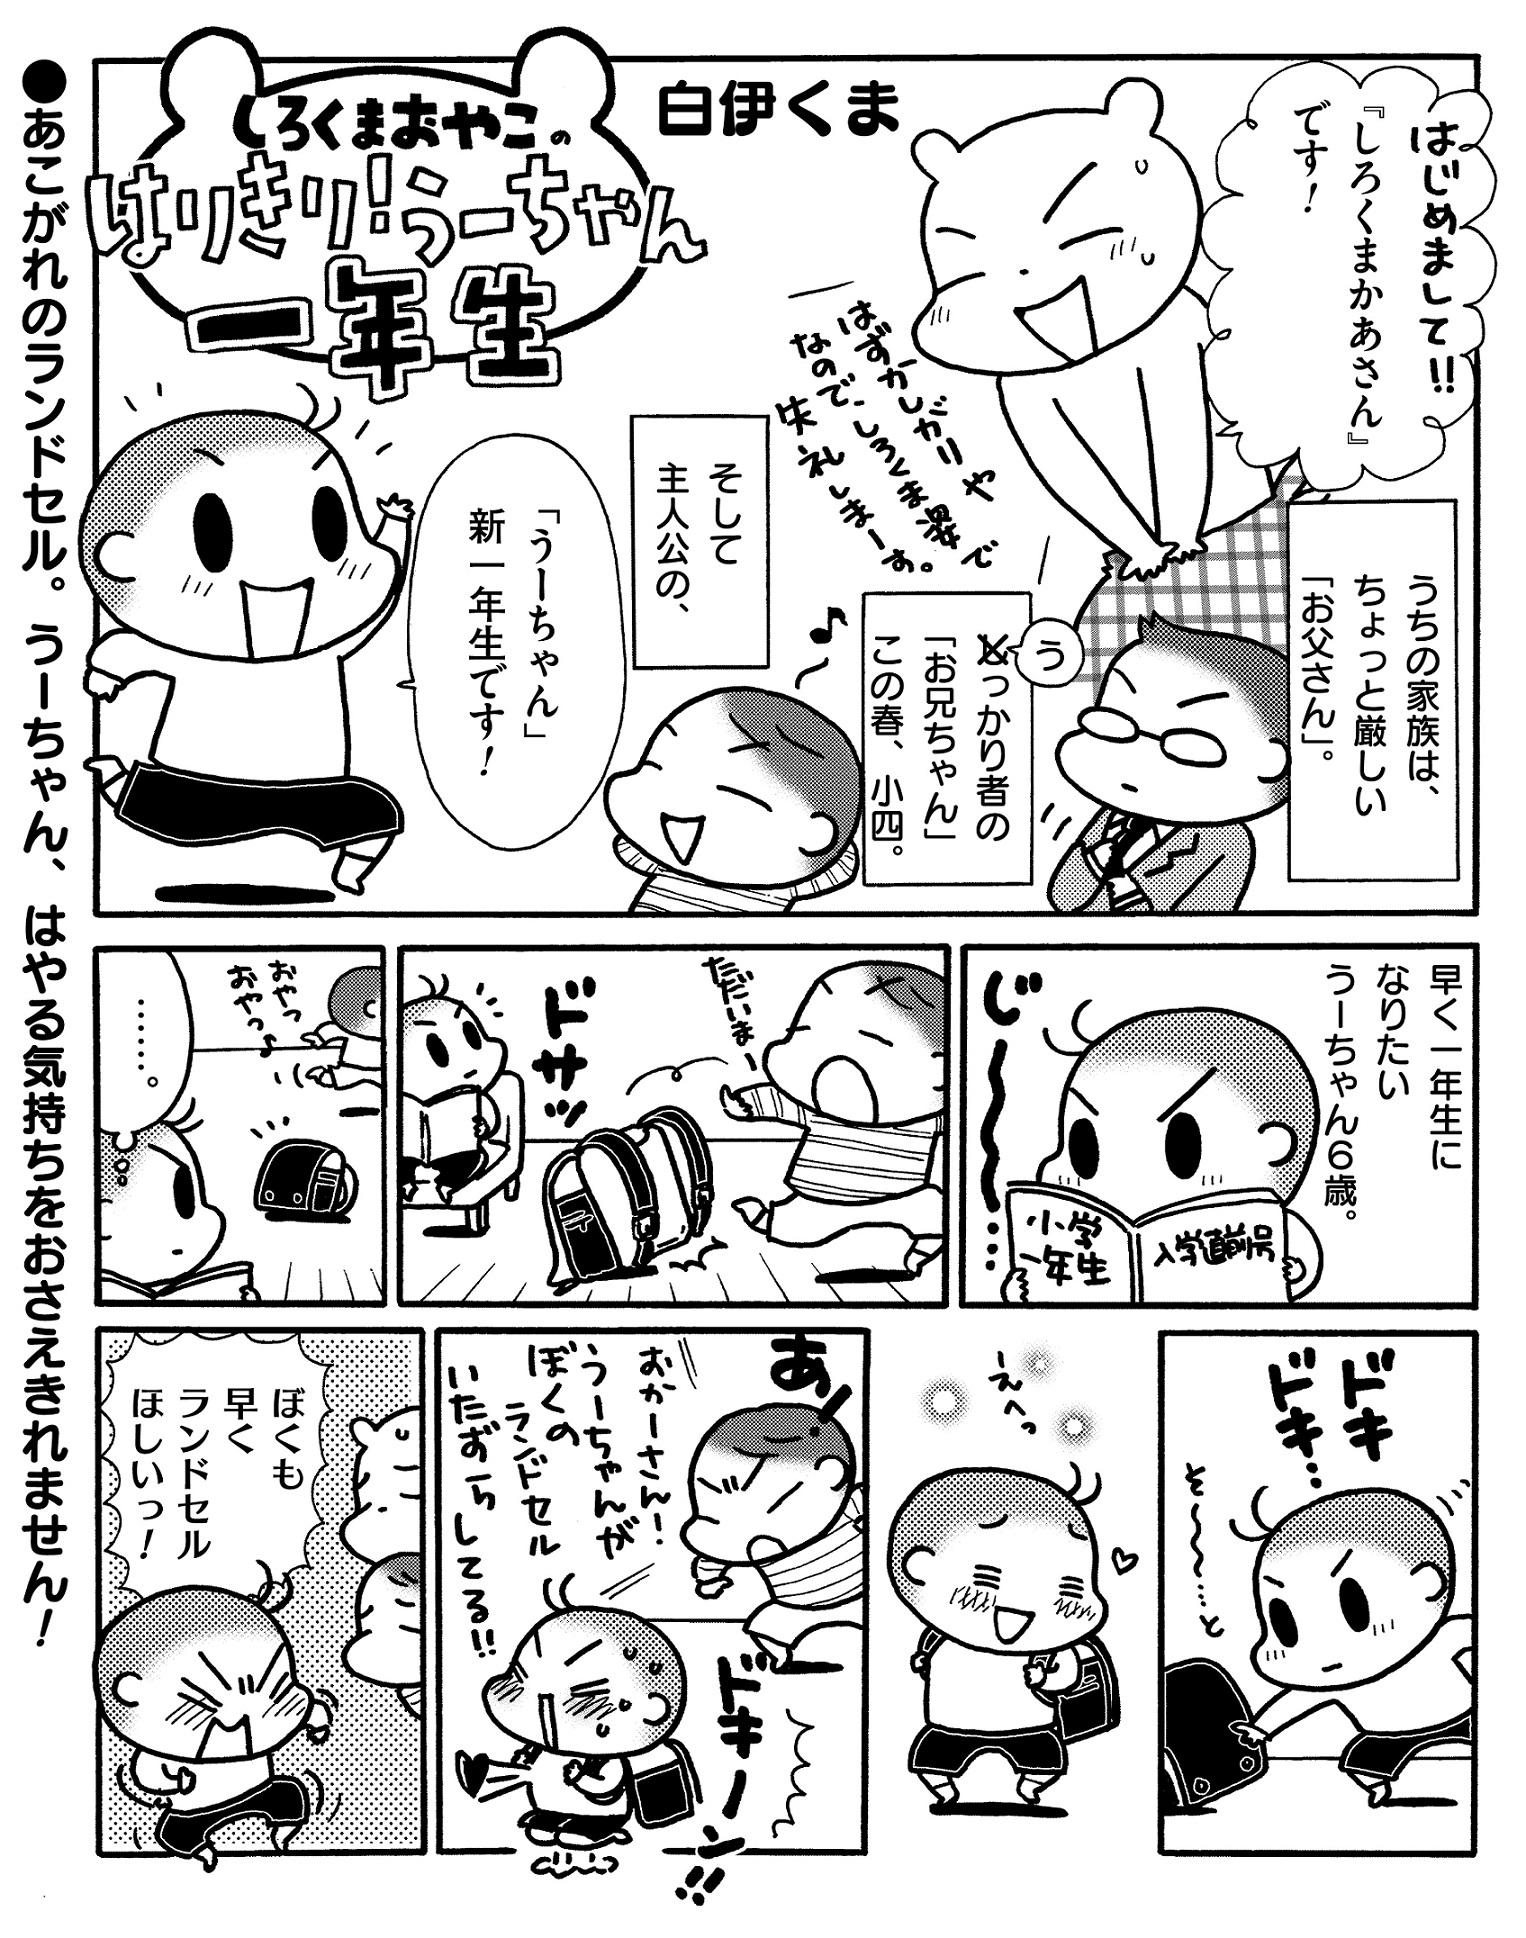 漫画『はりきり!うーちゃん一年生』 入学準備ランドセルの巻